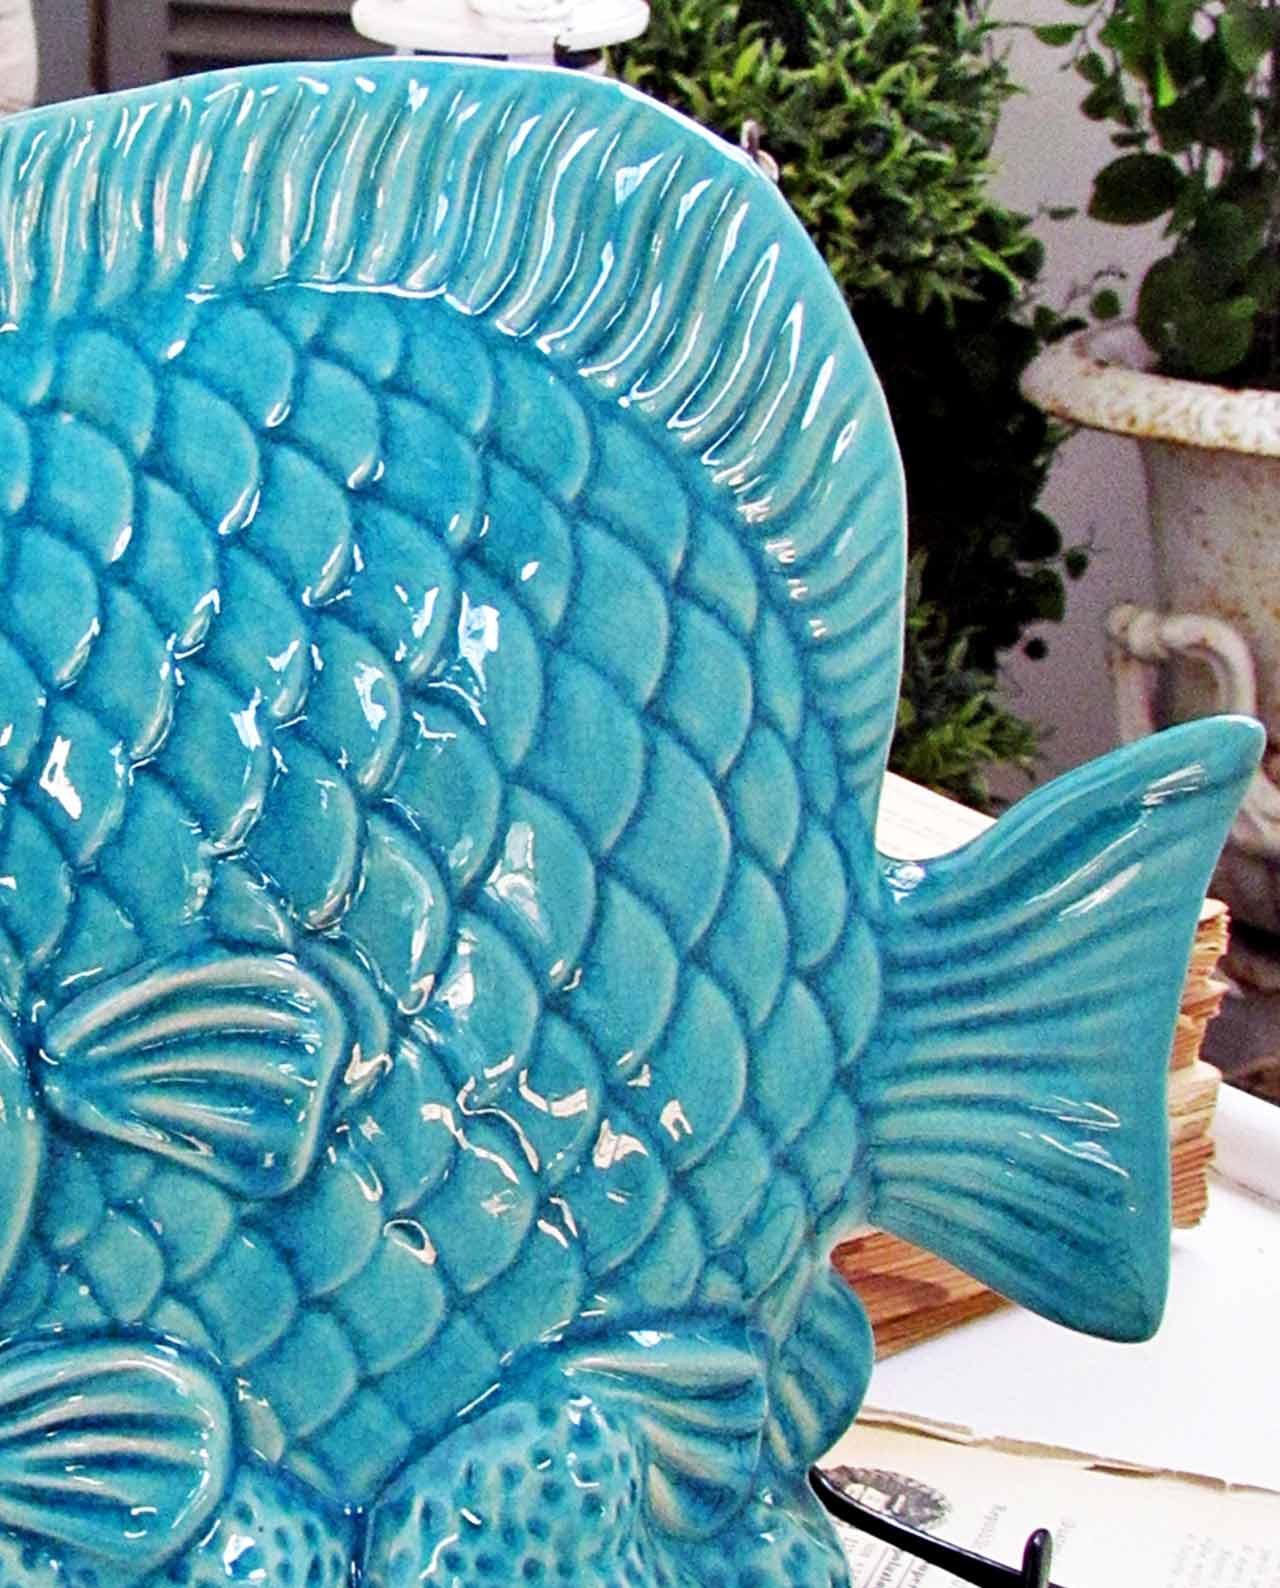 Decorazioni casa pesci in ceramica turchese for Oggettistica casa milano